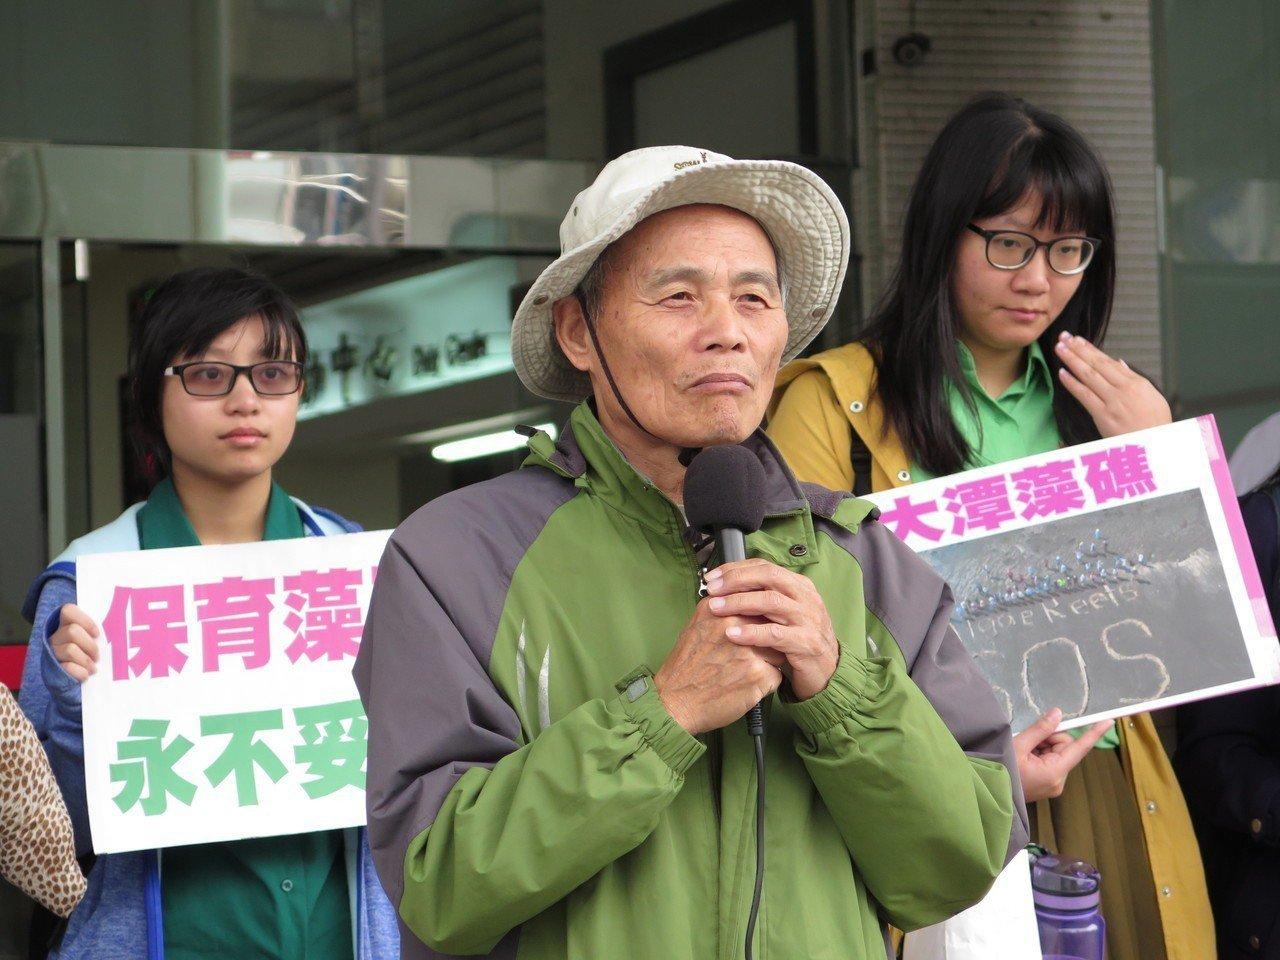 台灣珍古德協會轄下首個跨校性的環保社團「珍覺醒-珍古德看見台灣環保隊」今天齊聚桃...